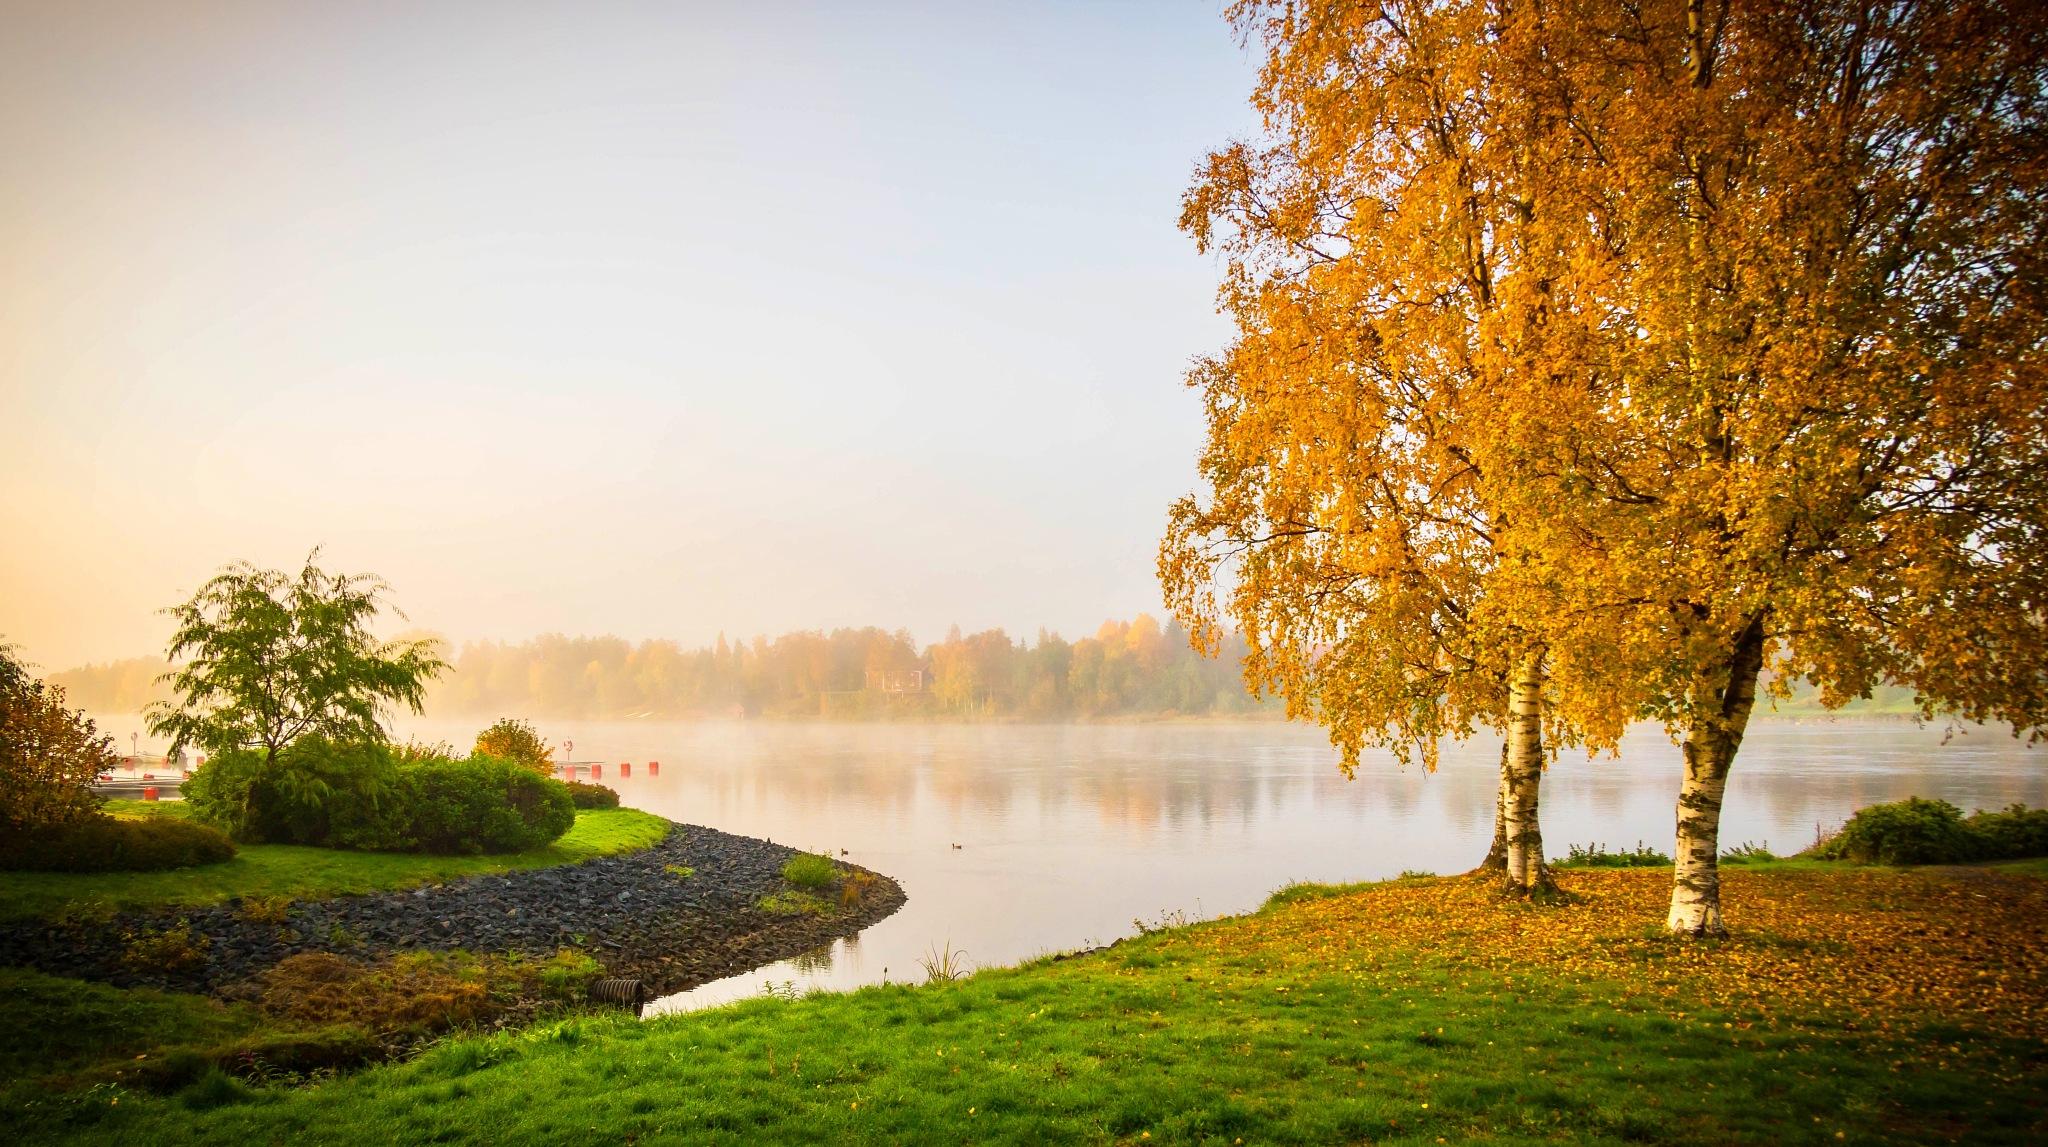 Fall morning  by Sheku Conteh